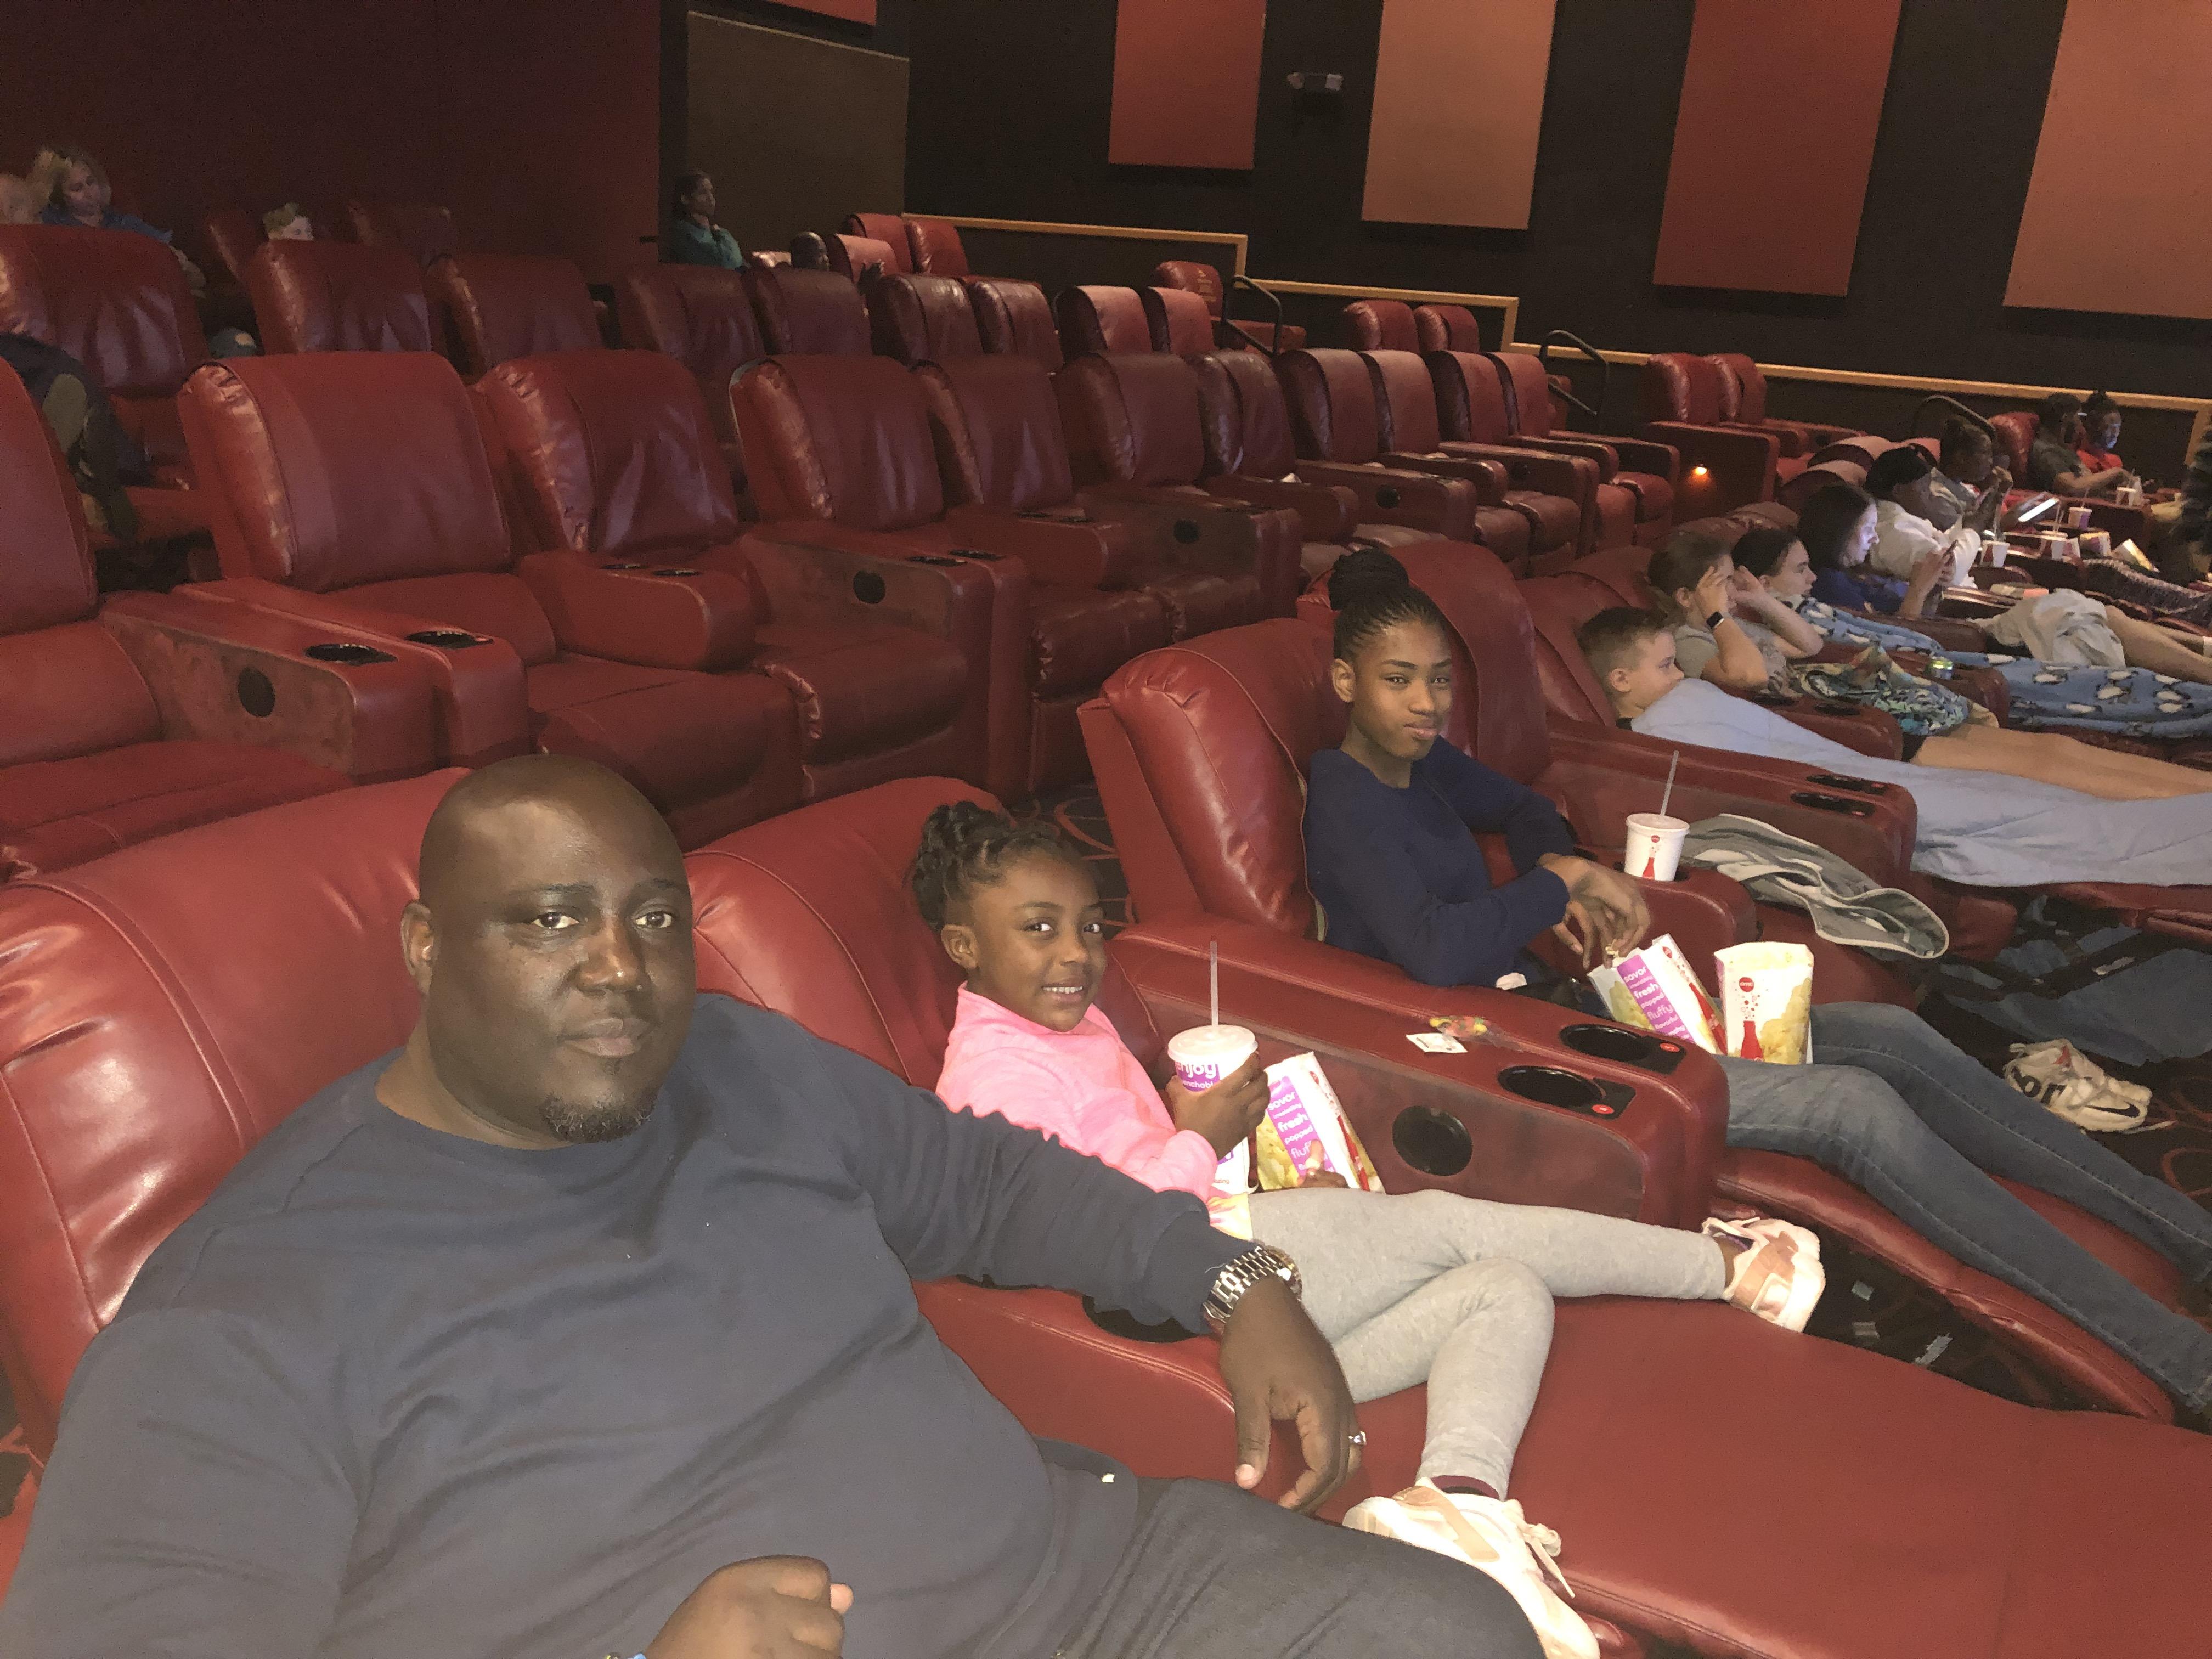 Teens at the Movies 1